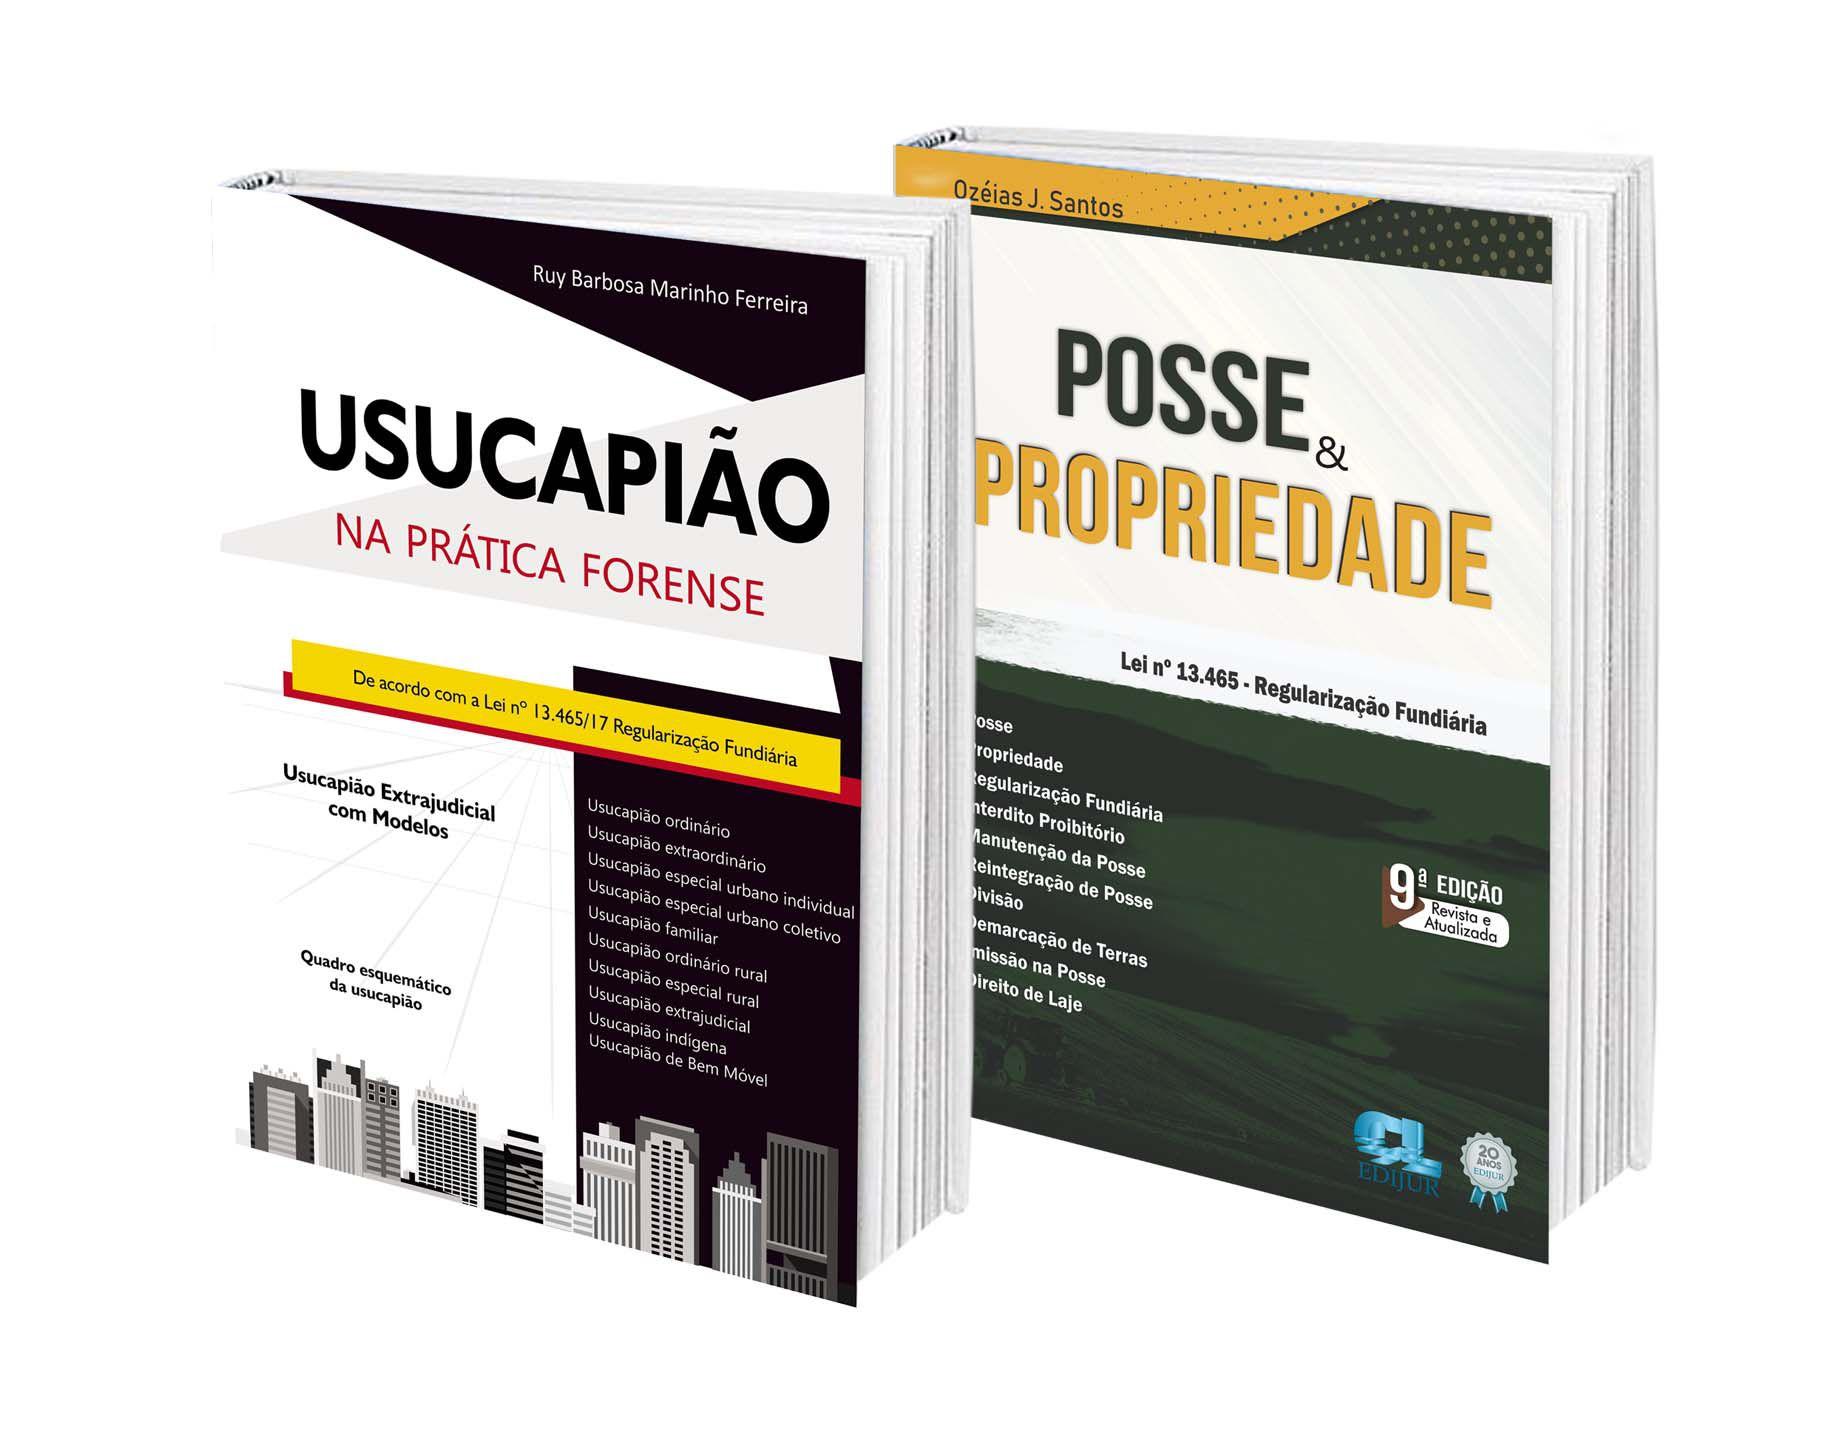 COMBO - Usucapião na Prática Forense + Posse & Propriedade  - Edijur Editora